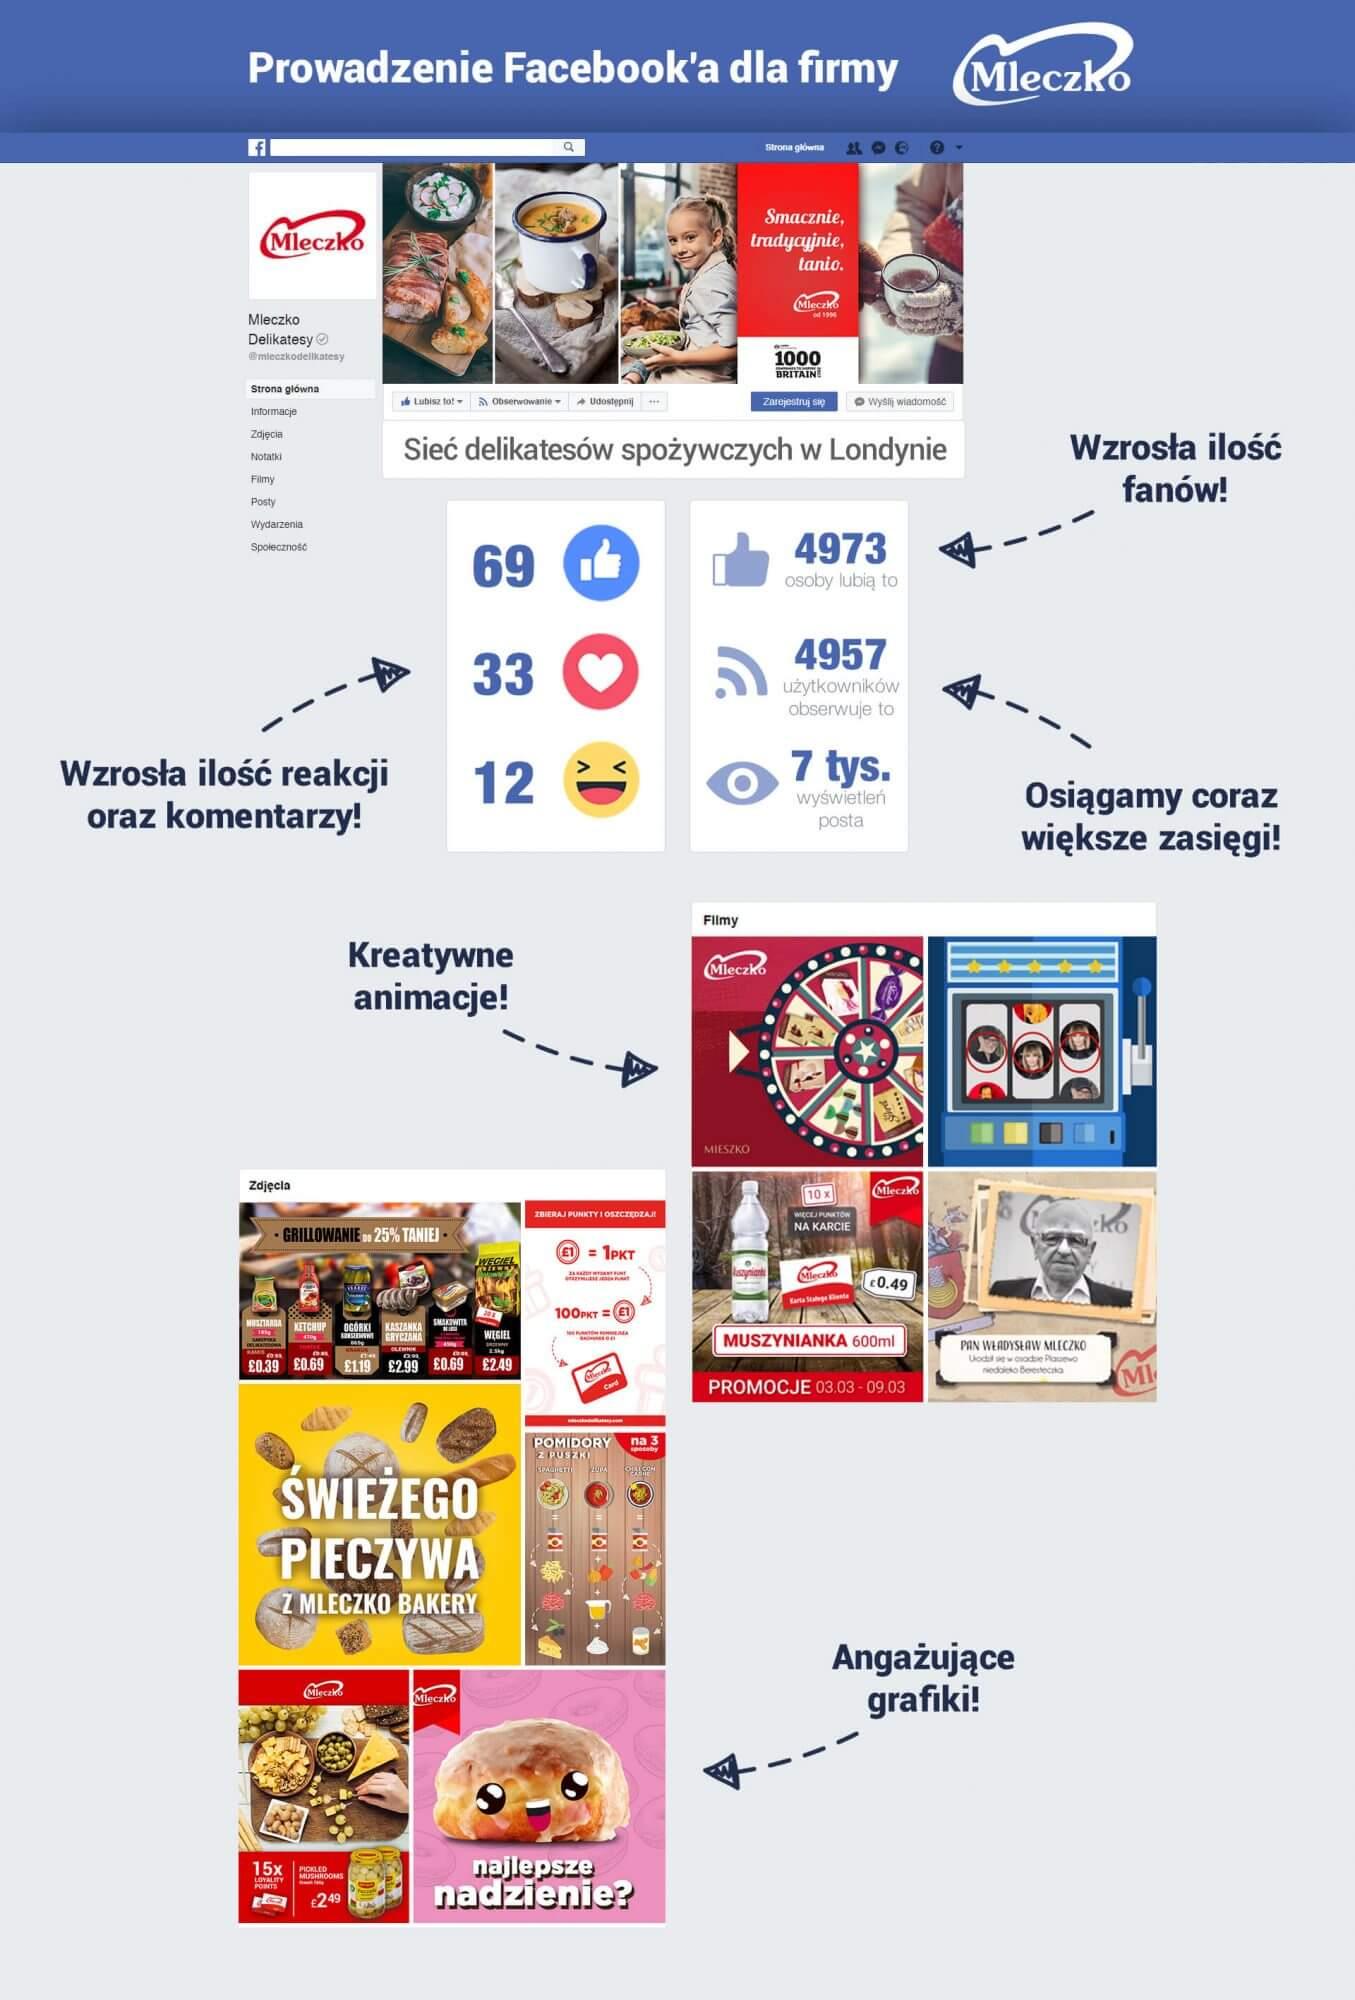 prowadzenie facebooka dla firmy